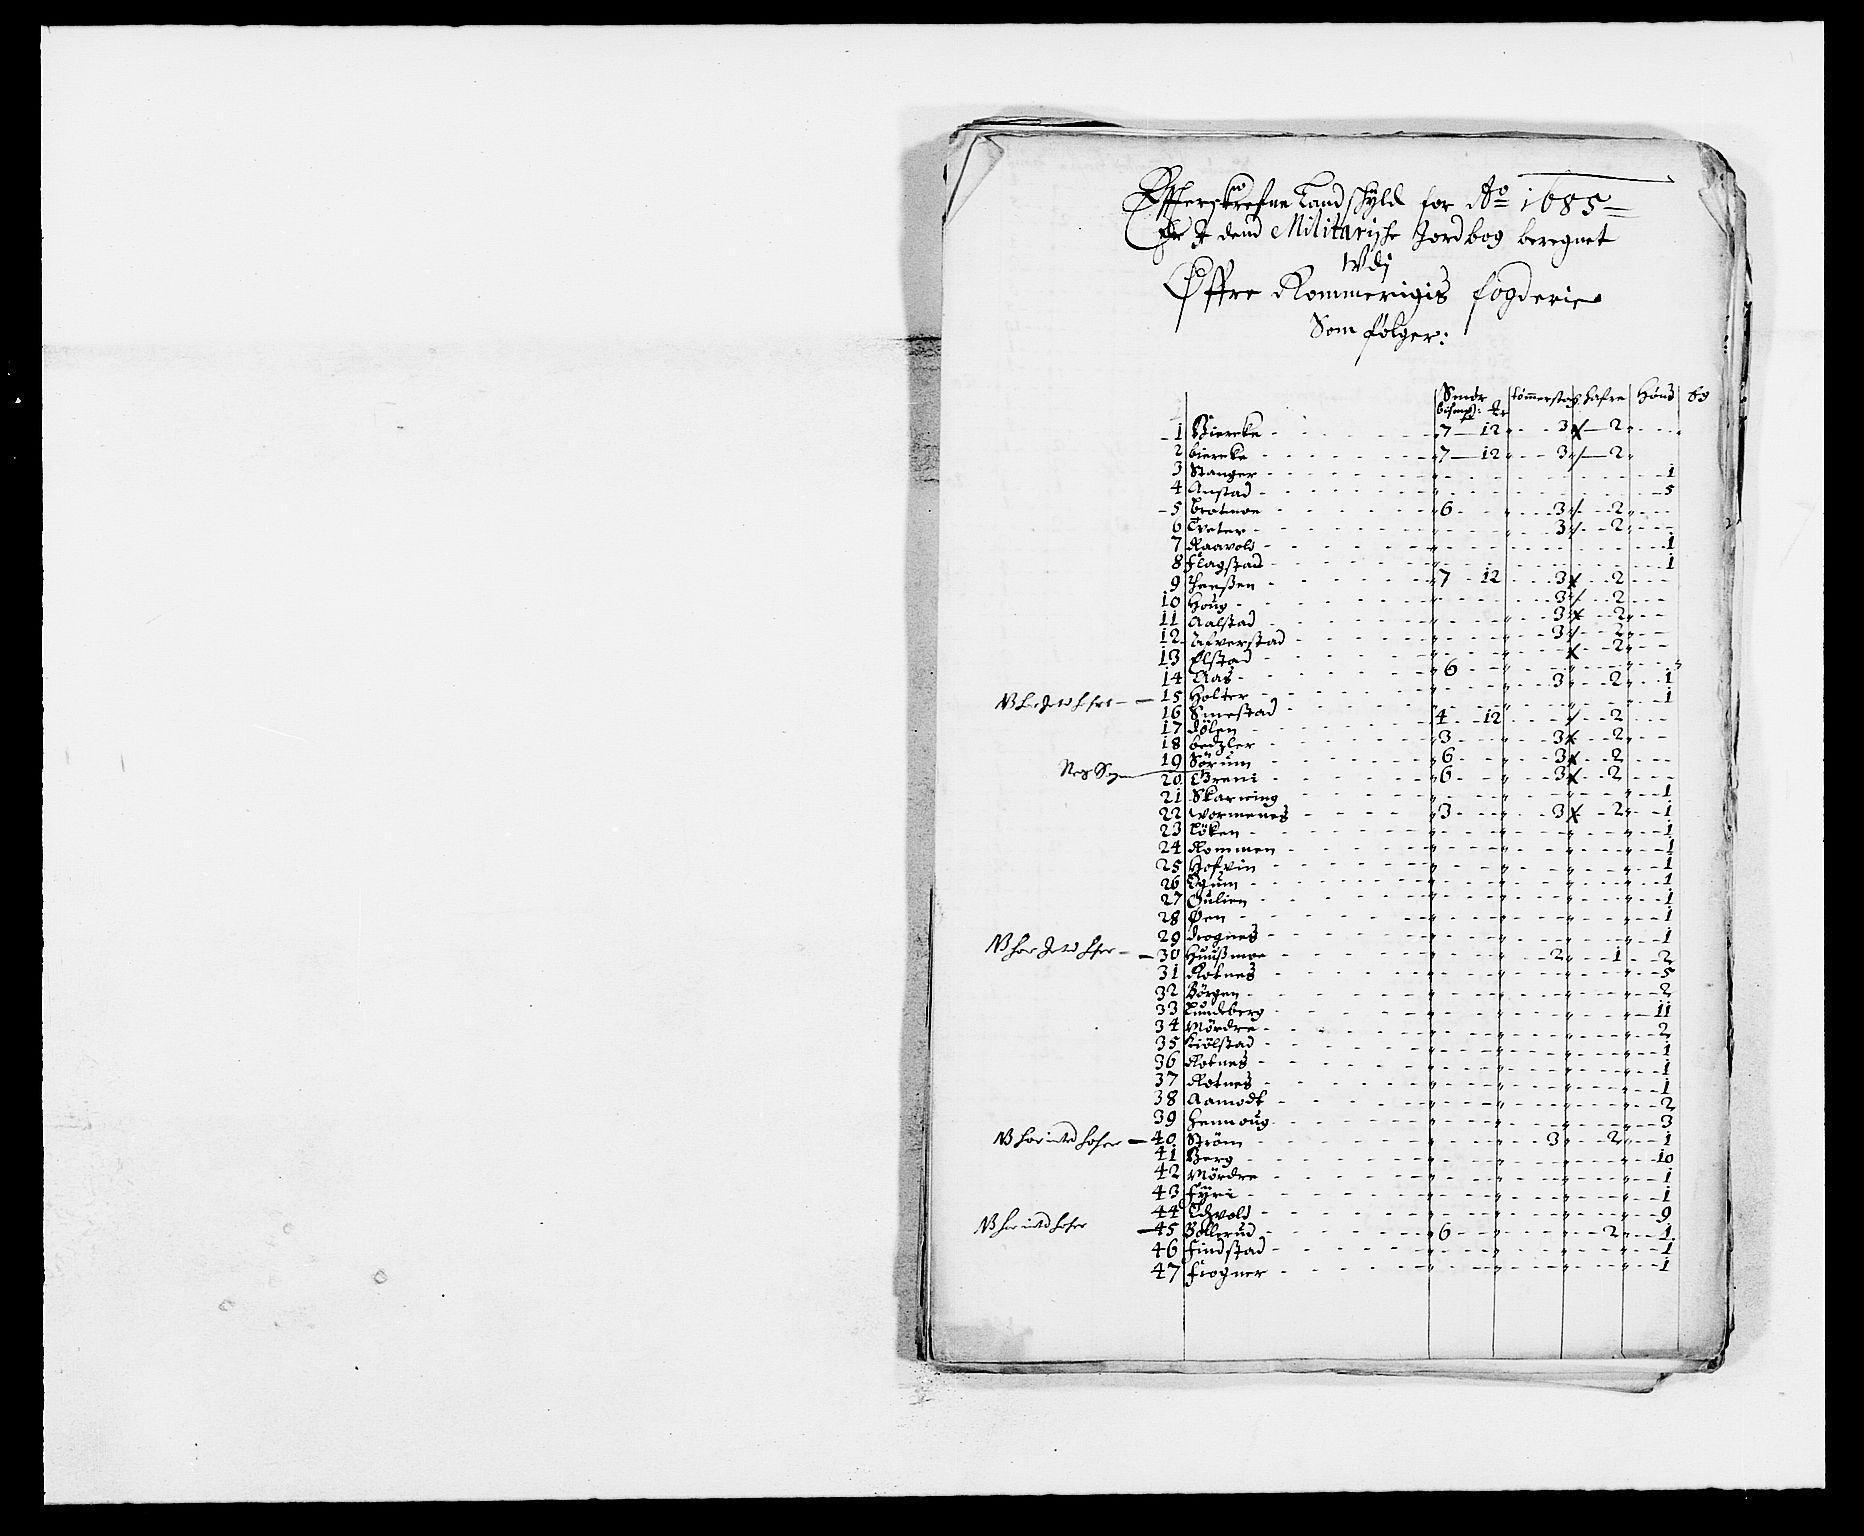 RA, Rentekammeret inntil 1814, Reviderte regnskaper, Fogderegnskap, R12/L0699: Fogderegnskap Øvre Romerike, 1685-1686, s. 132